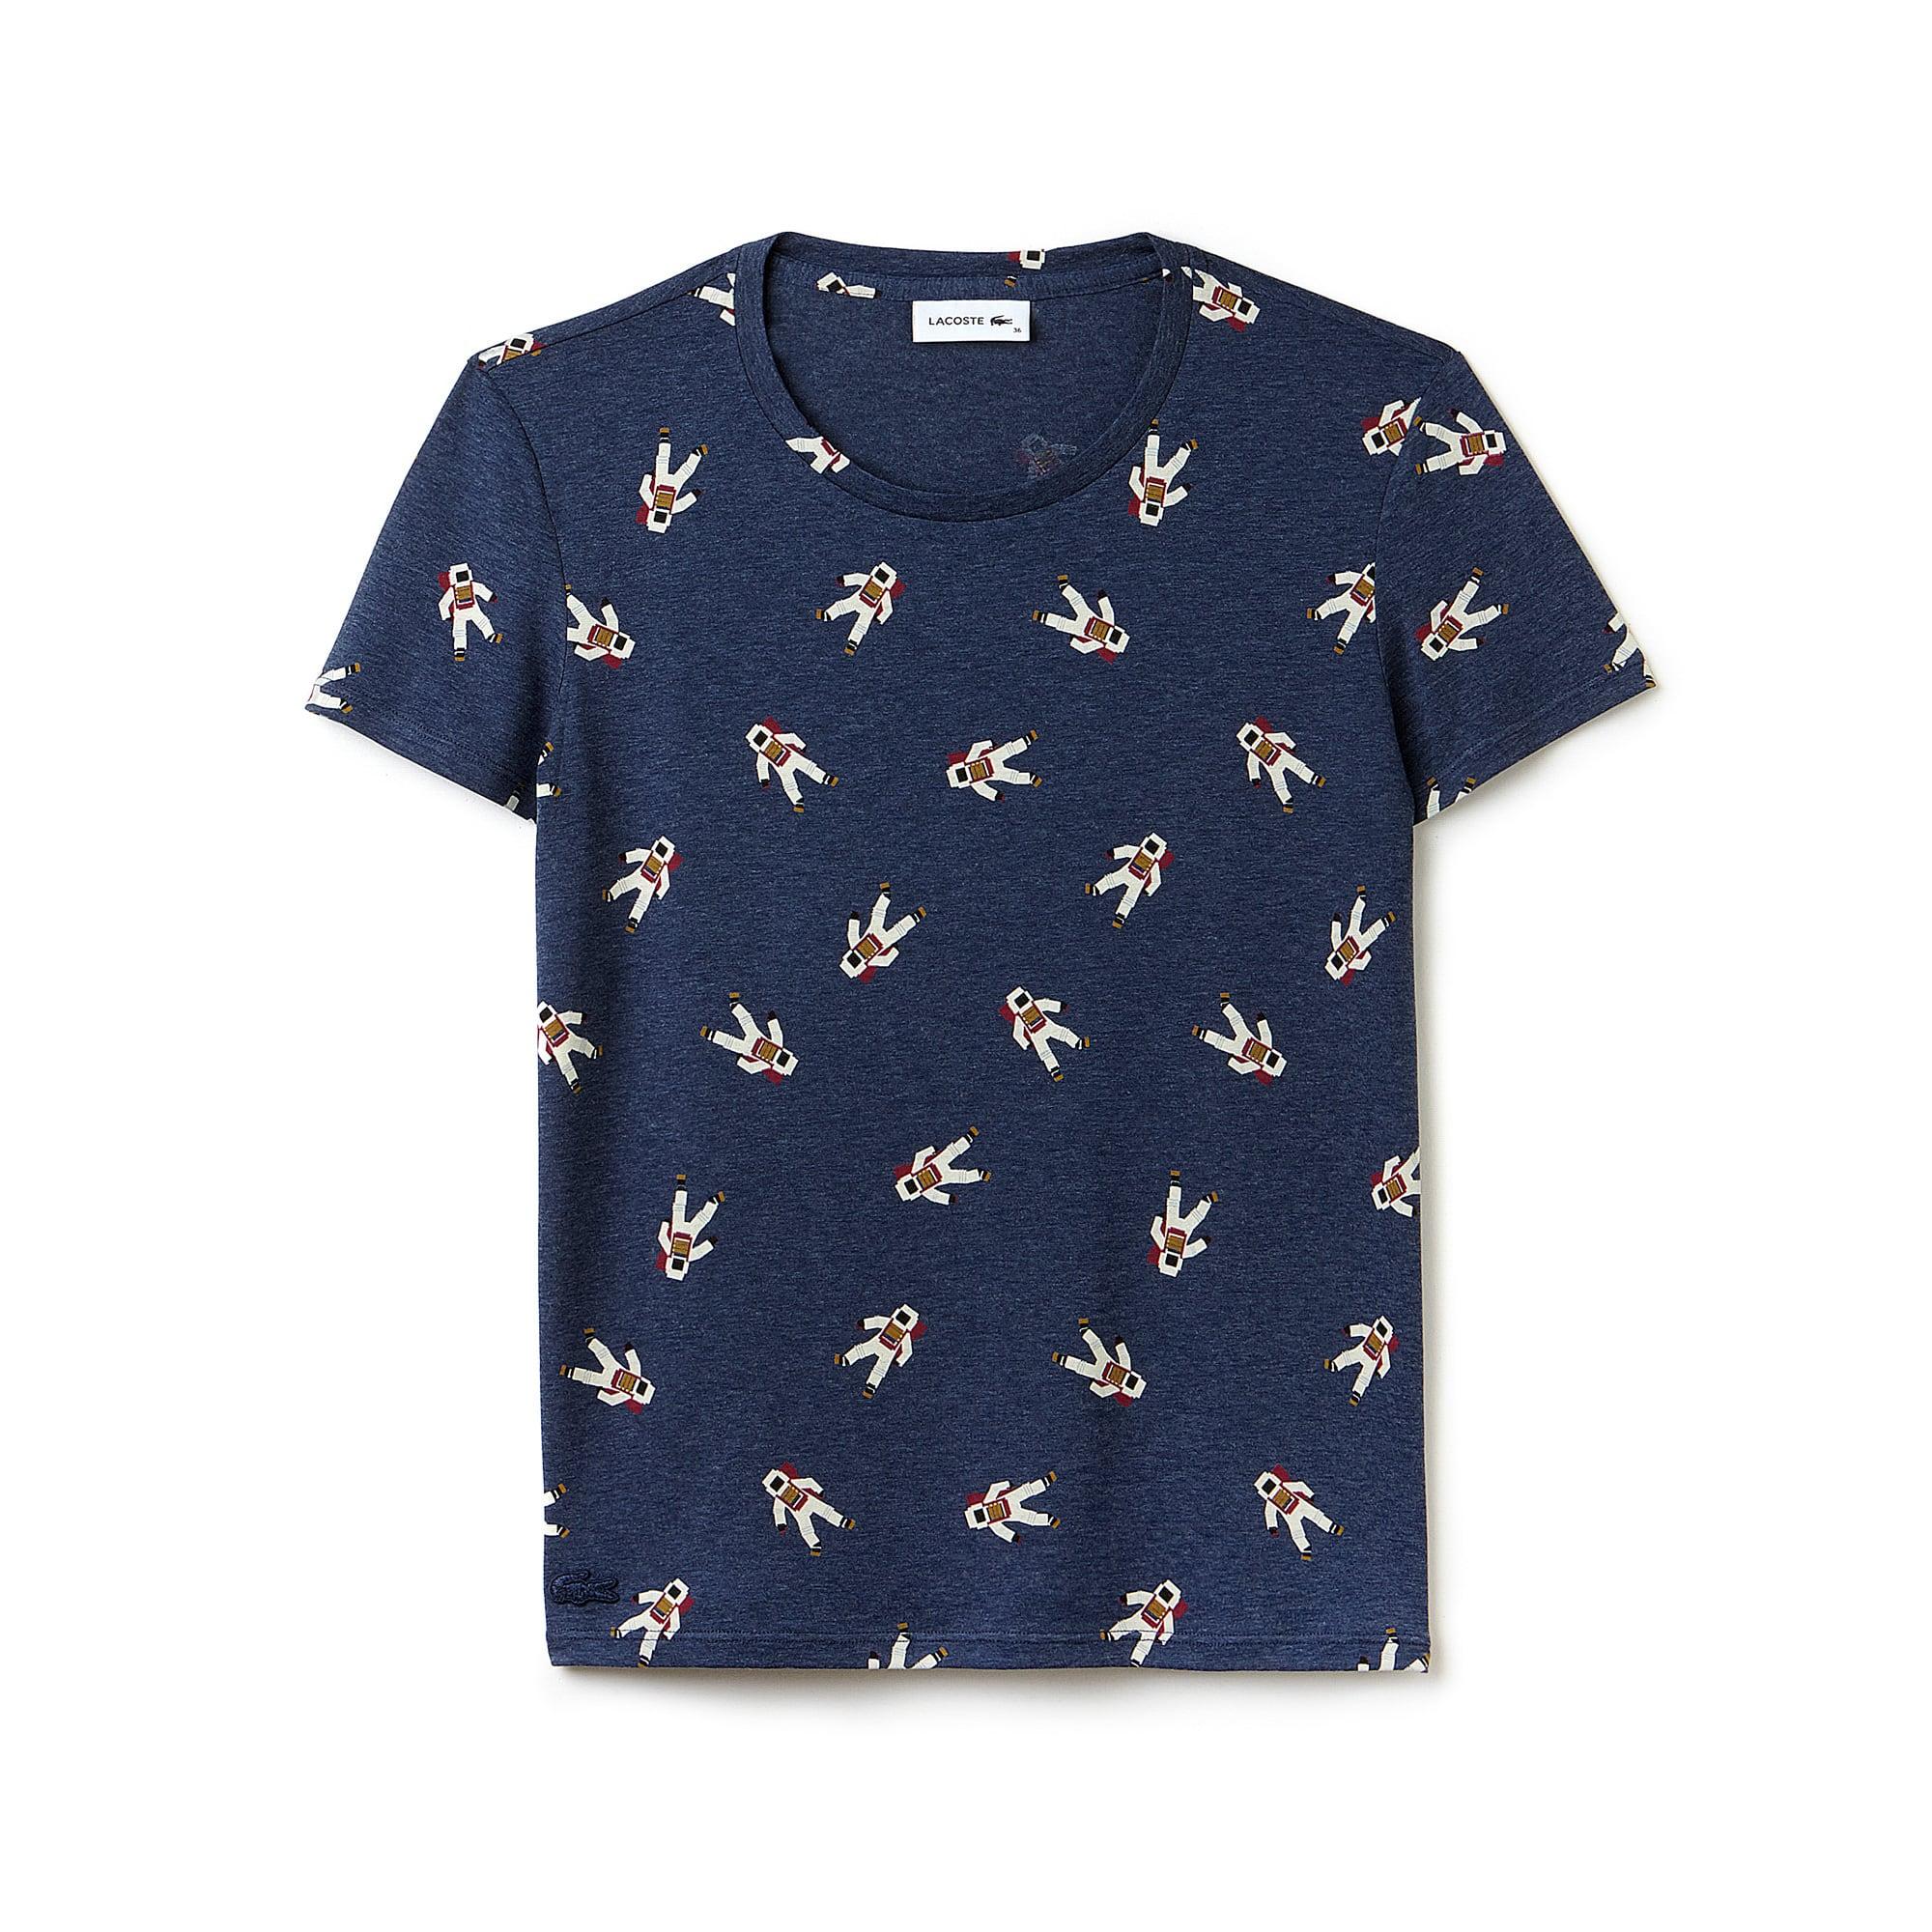 T-shirt decote redondo em jersey fluido com impressão cosmonautas